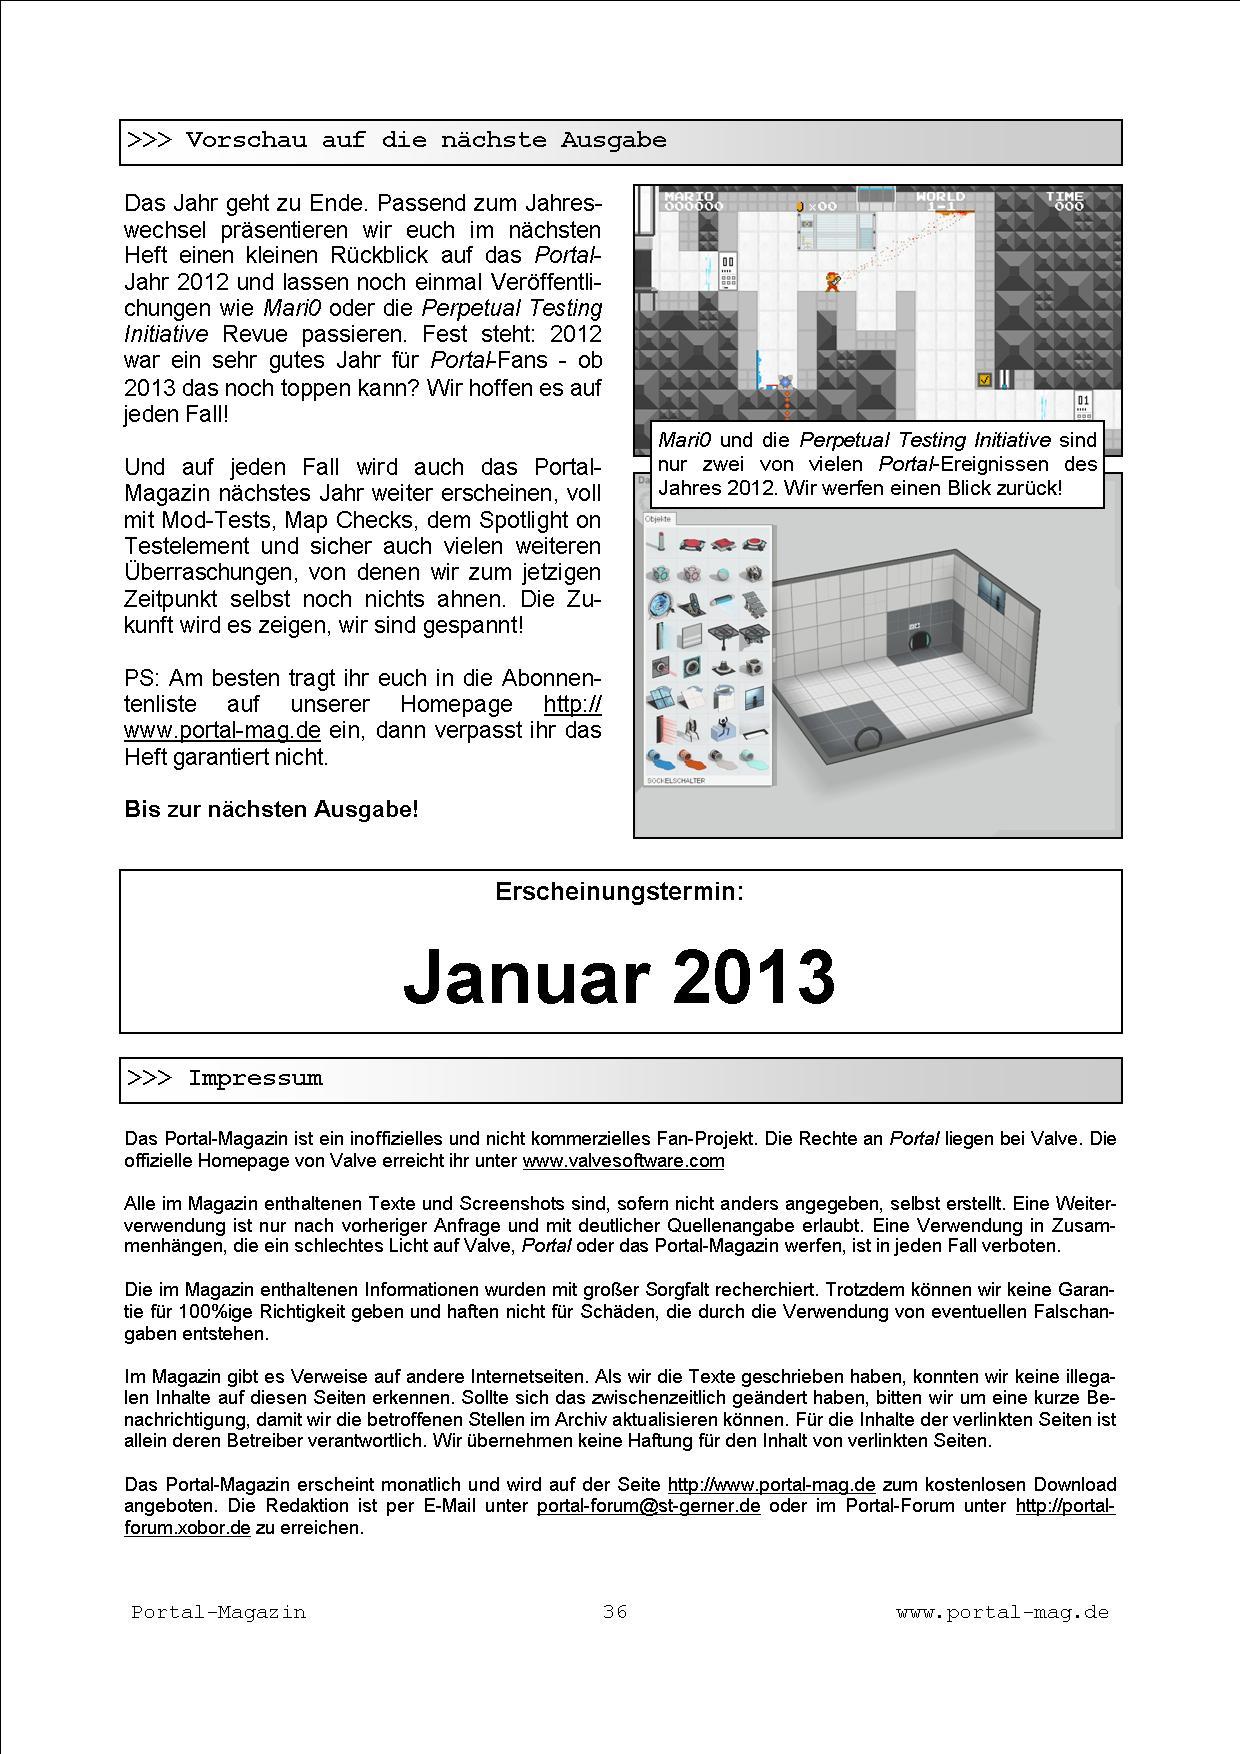 Ausgabe 11, Seite 36